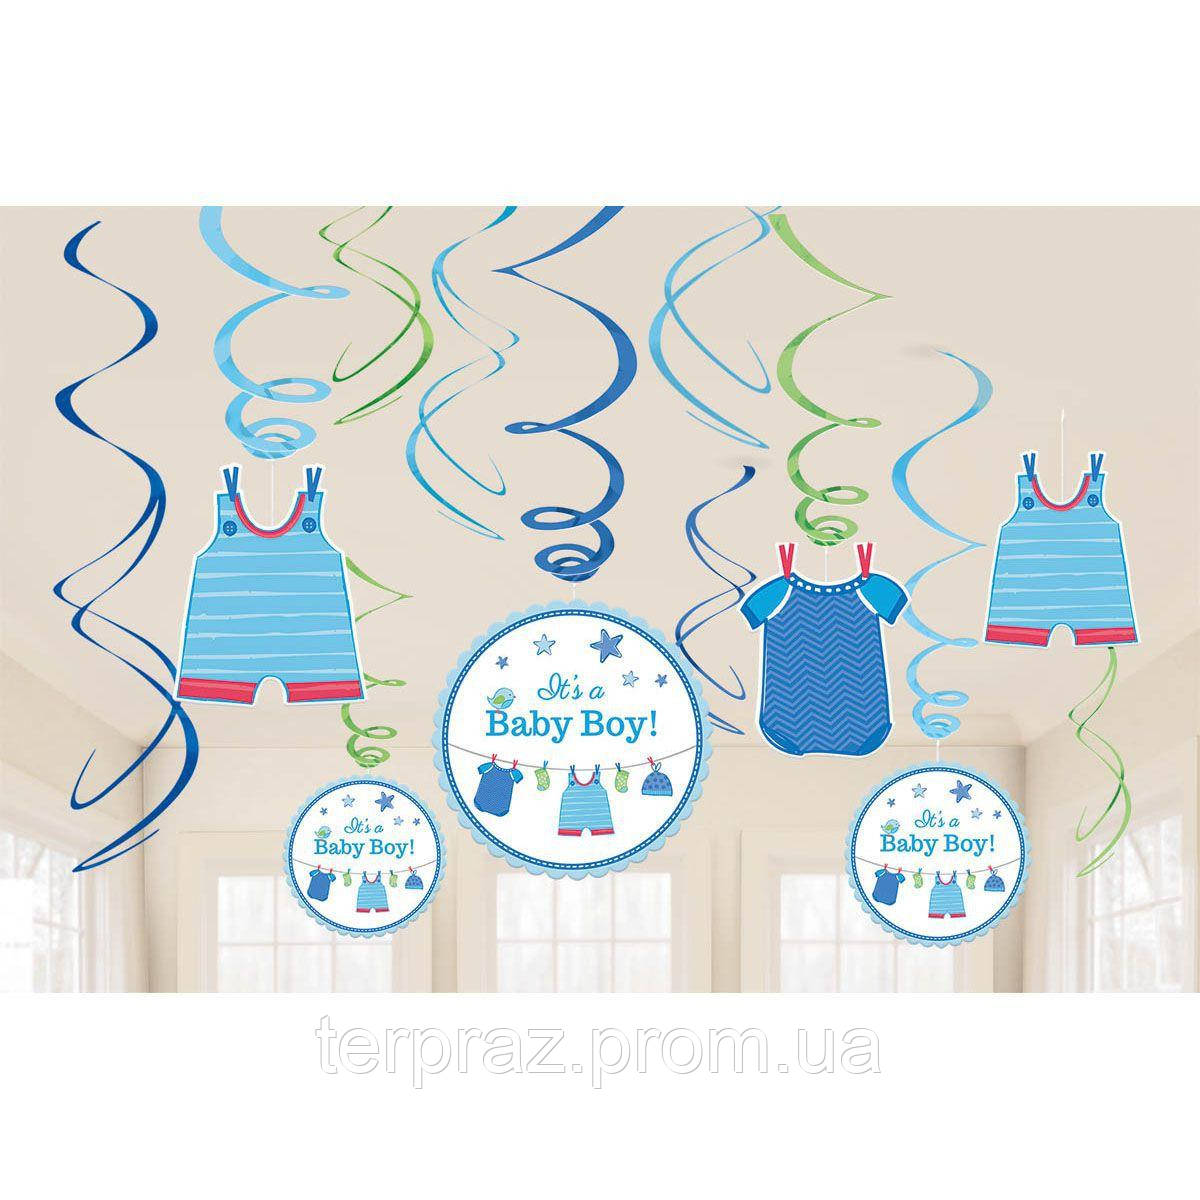 Аксессуары для праздника подвески, фанты  спираль с рождением малыш 46-60см 12шт/а